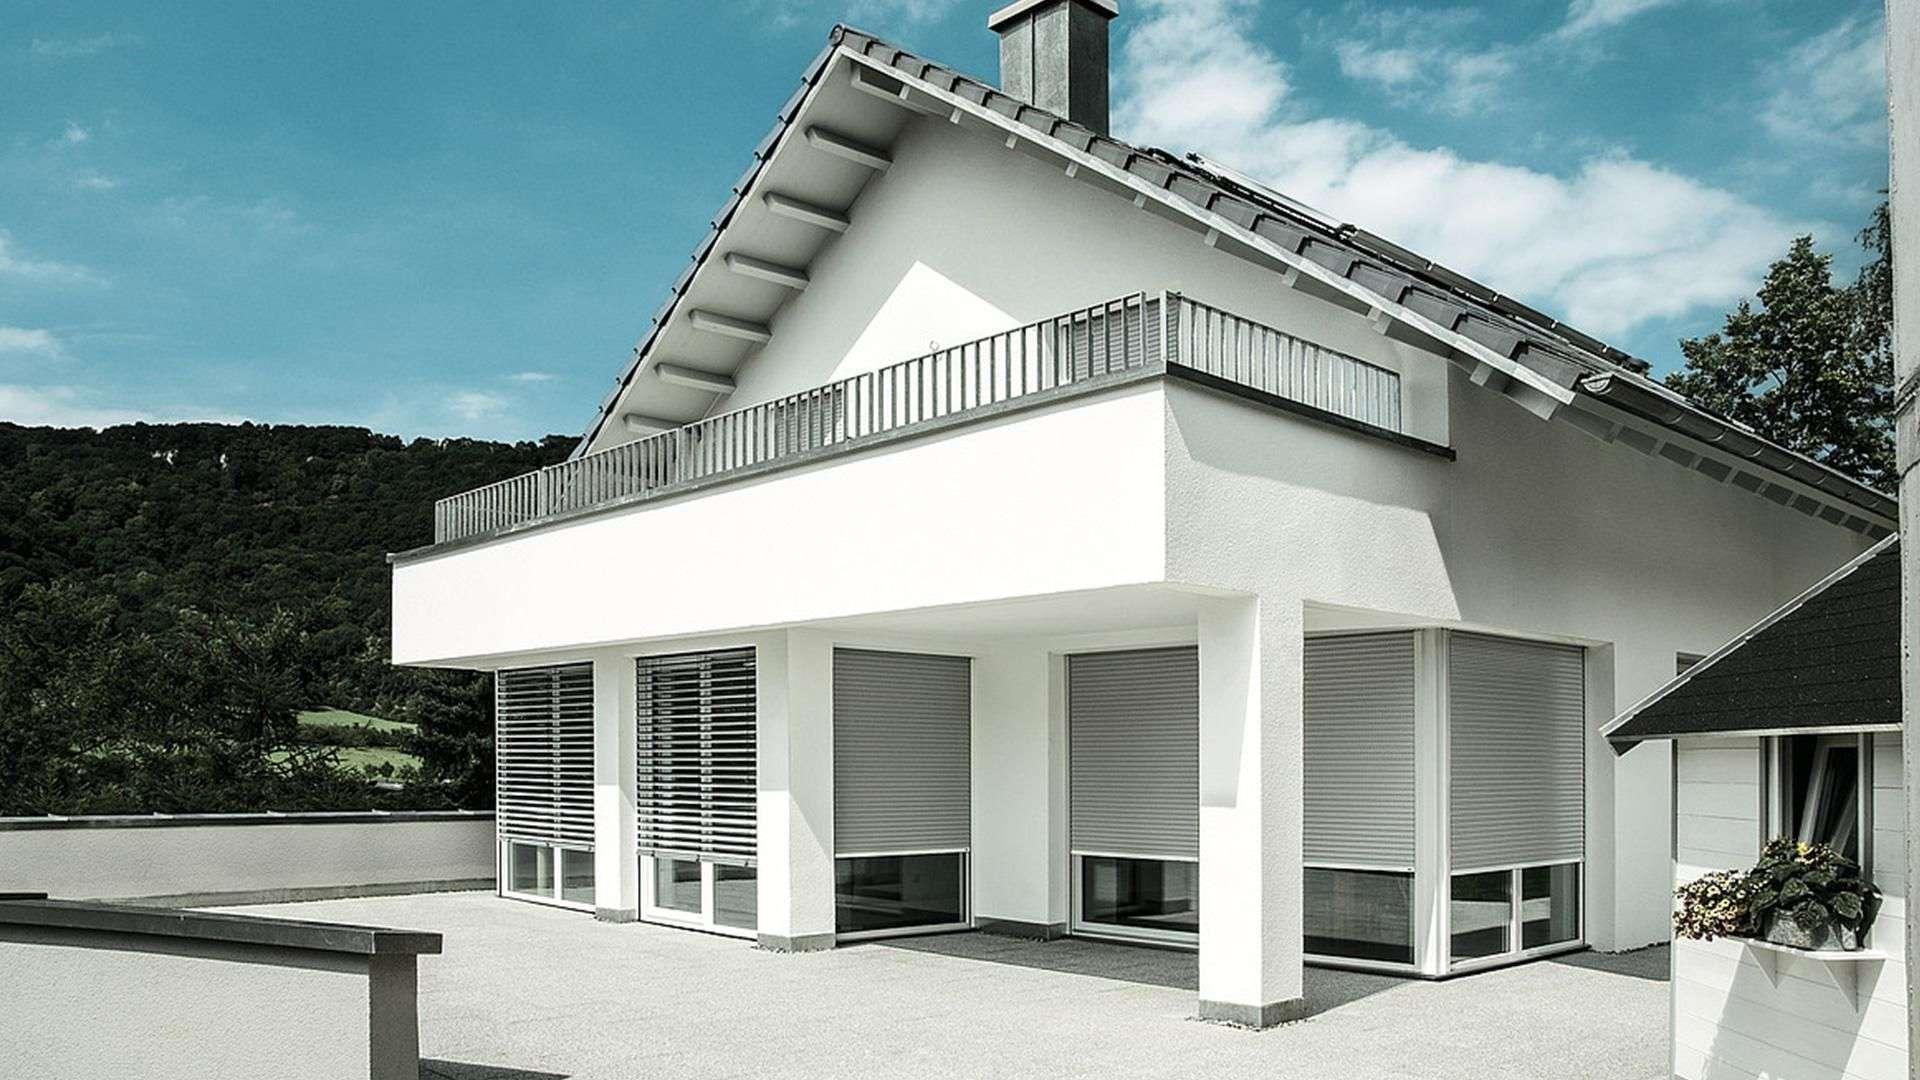 weißes Wohnhaus mit großem Balkon und Raffstoren vor den Fenstern